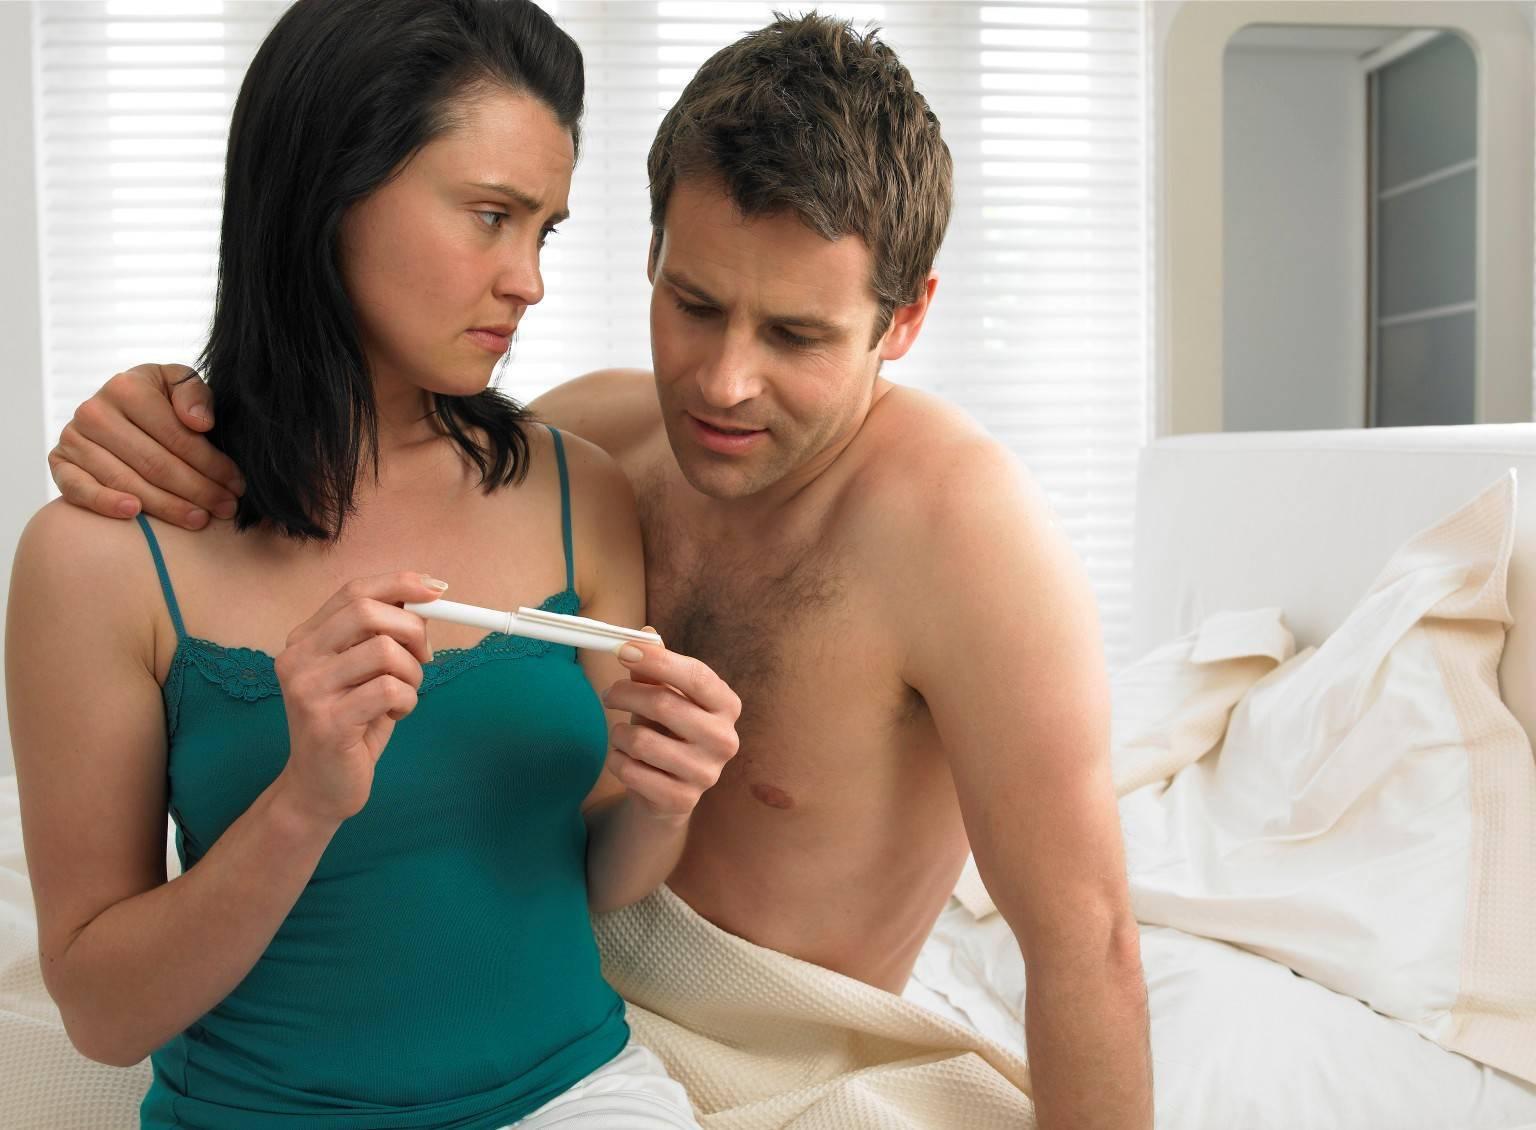 Как забеременеть если муж против: хитрости и честные способы